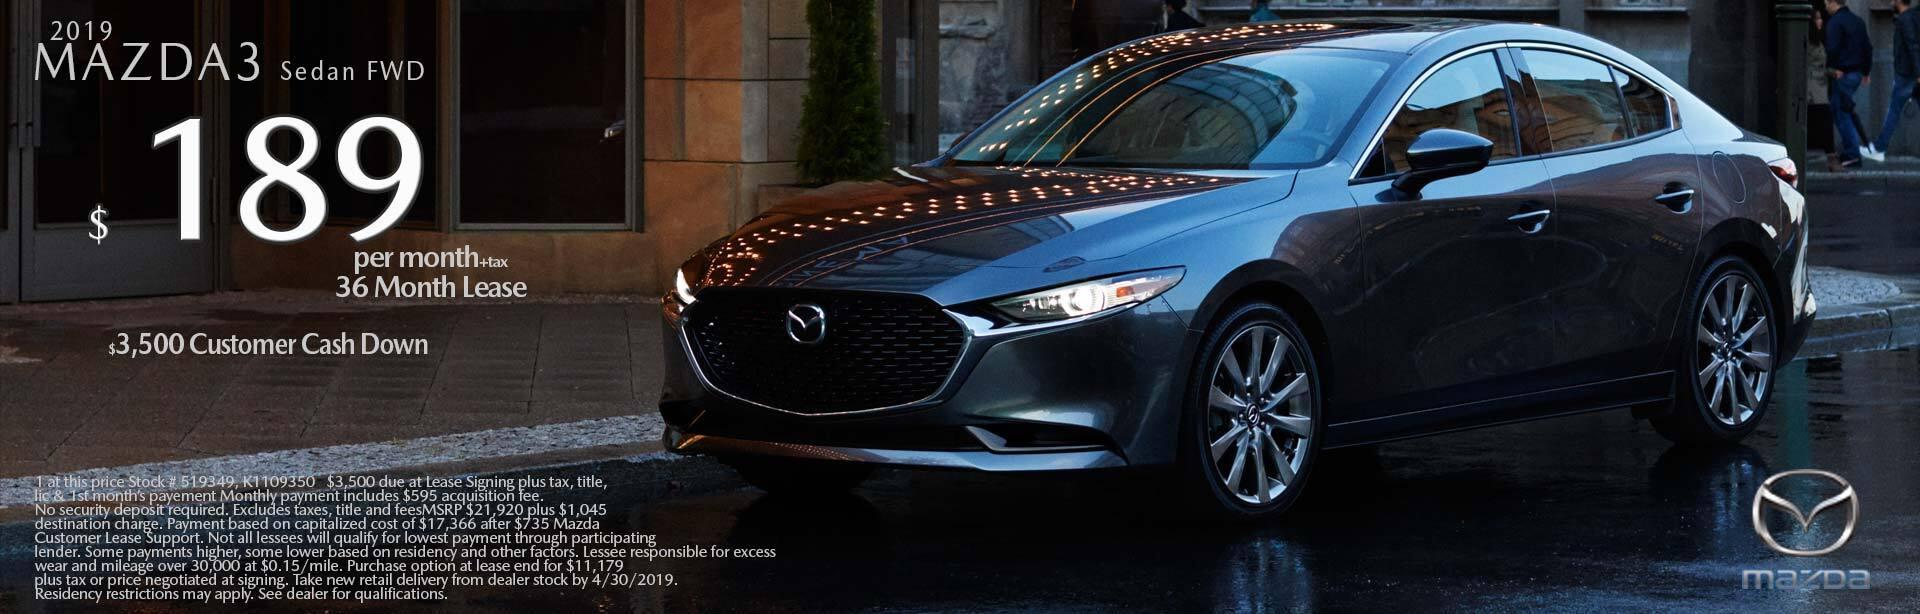 2019 Mazda Mazda3 4-Door 2WD